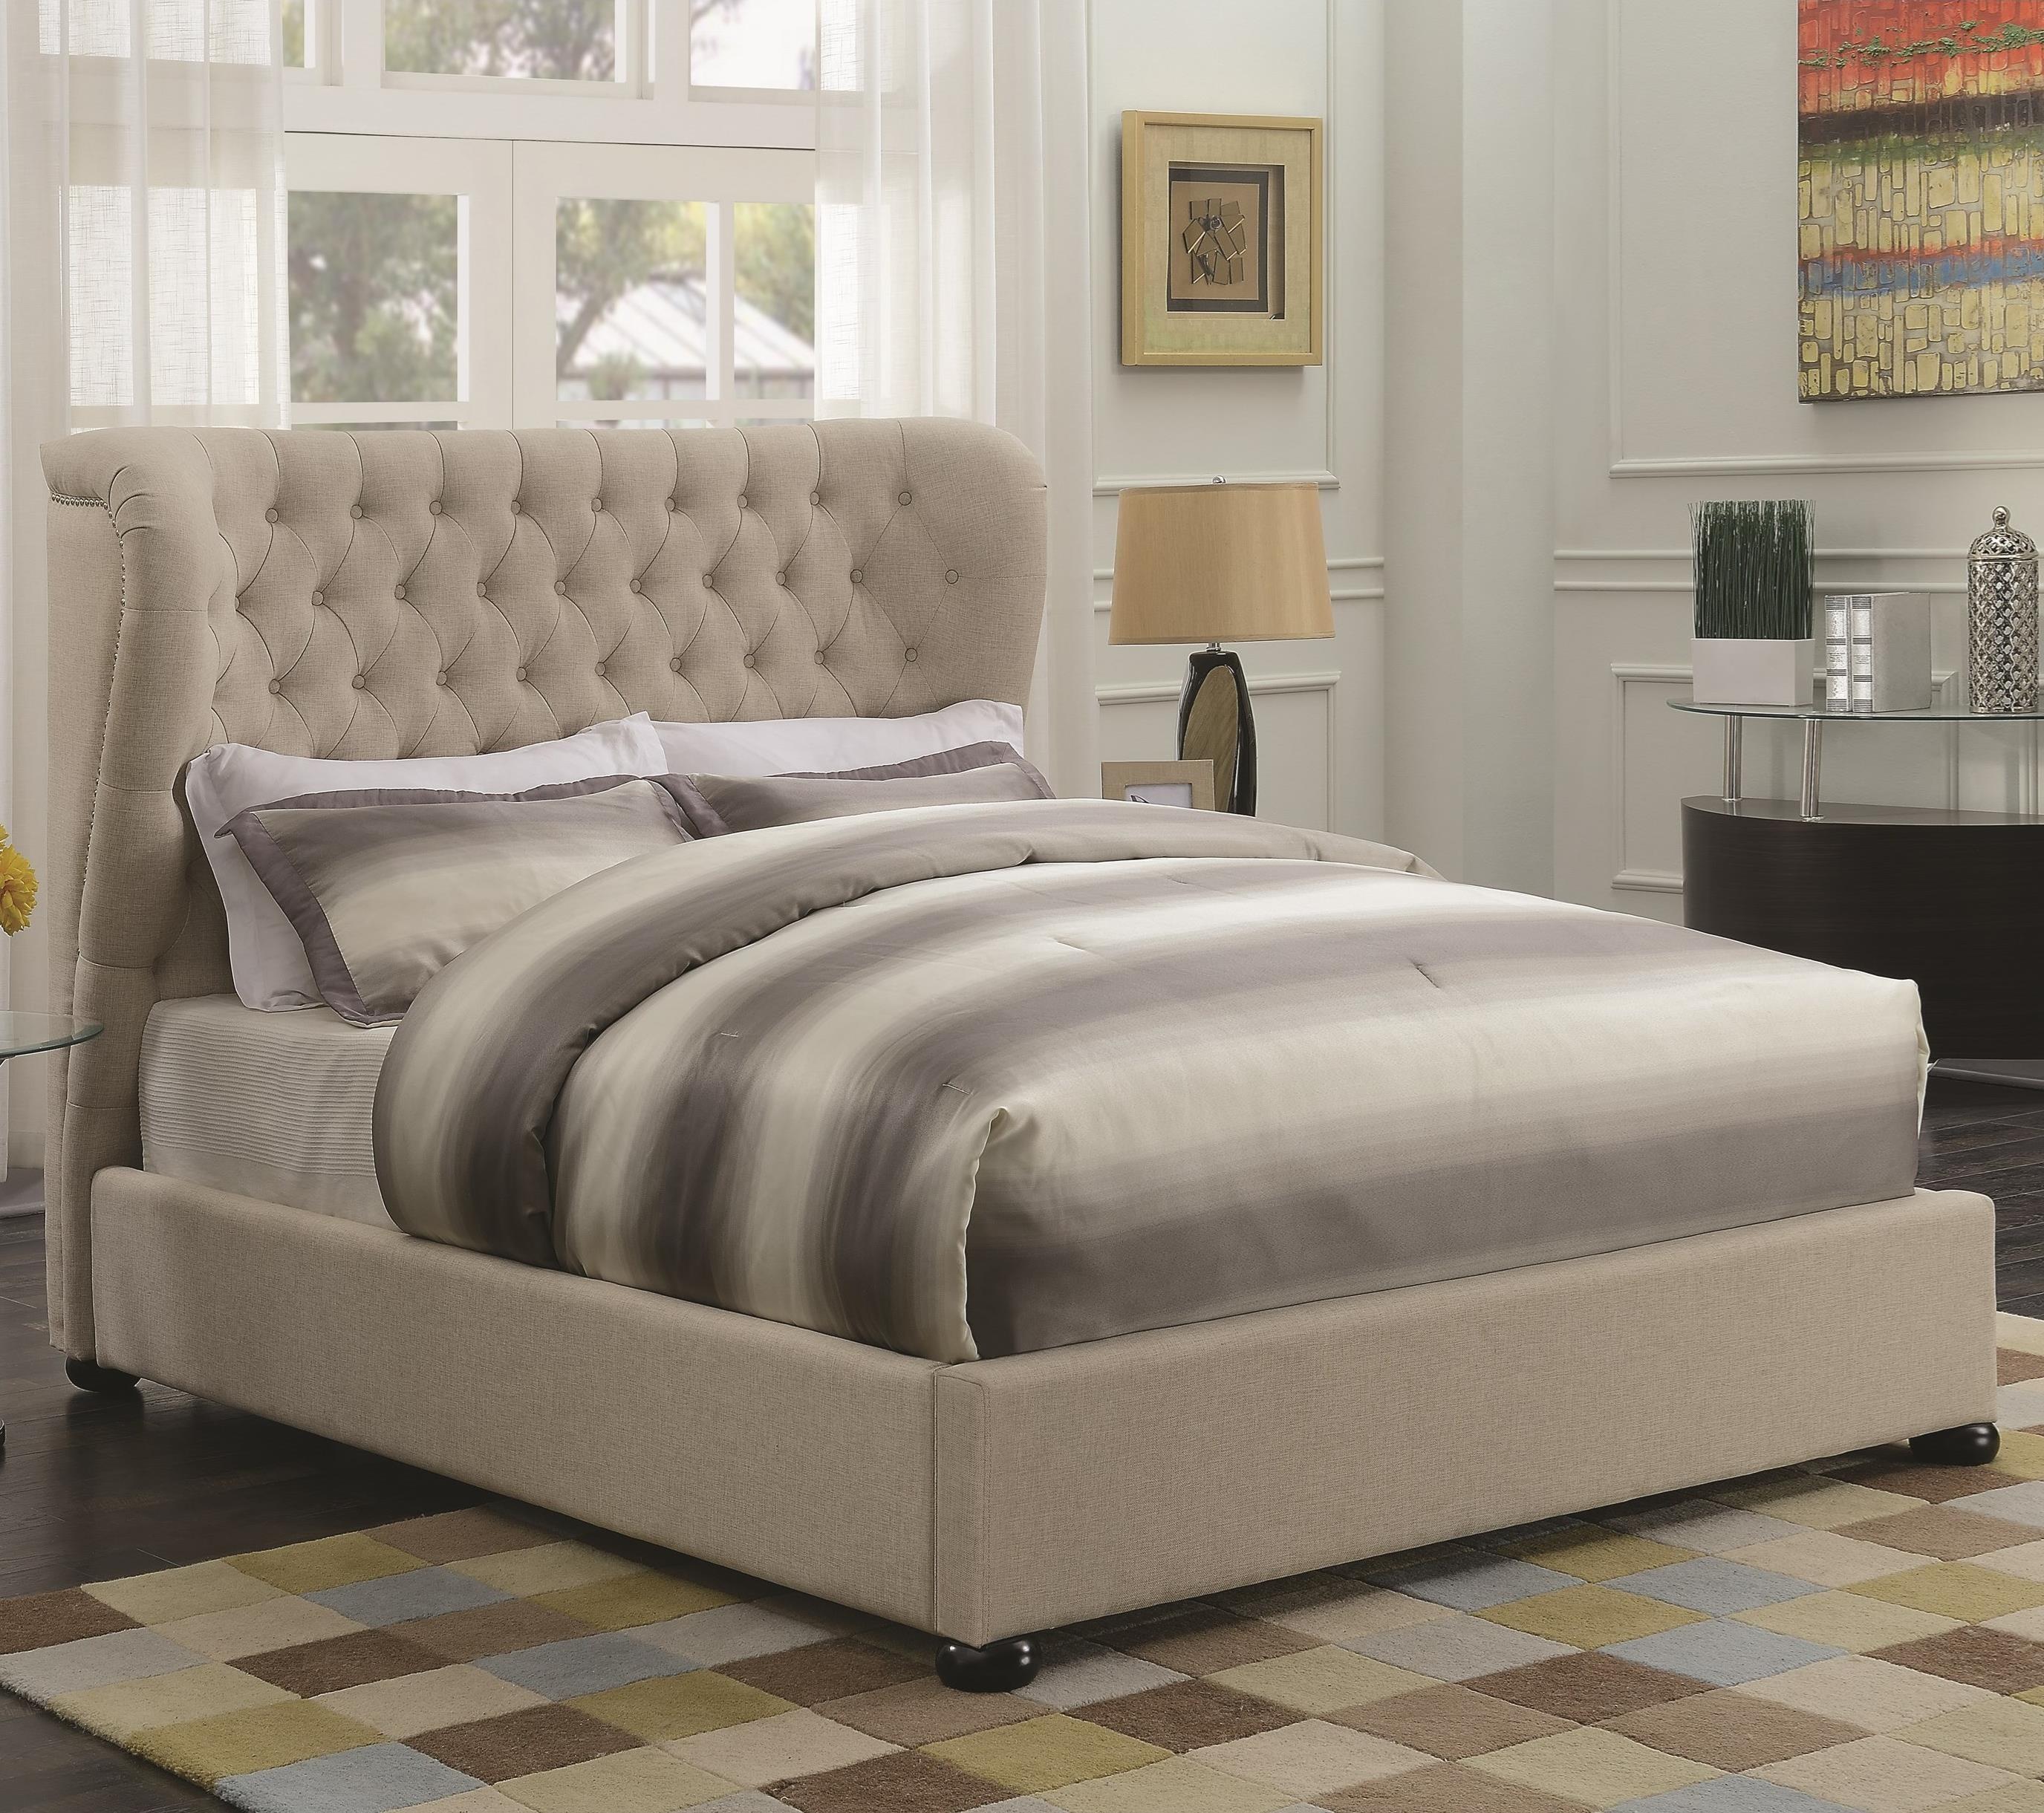 Coaster Newburgh King Upholstered Bed - Item Number: 300744KE